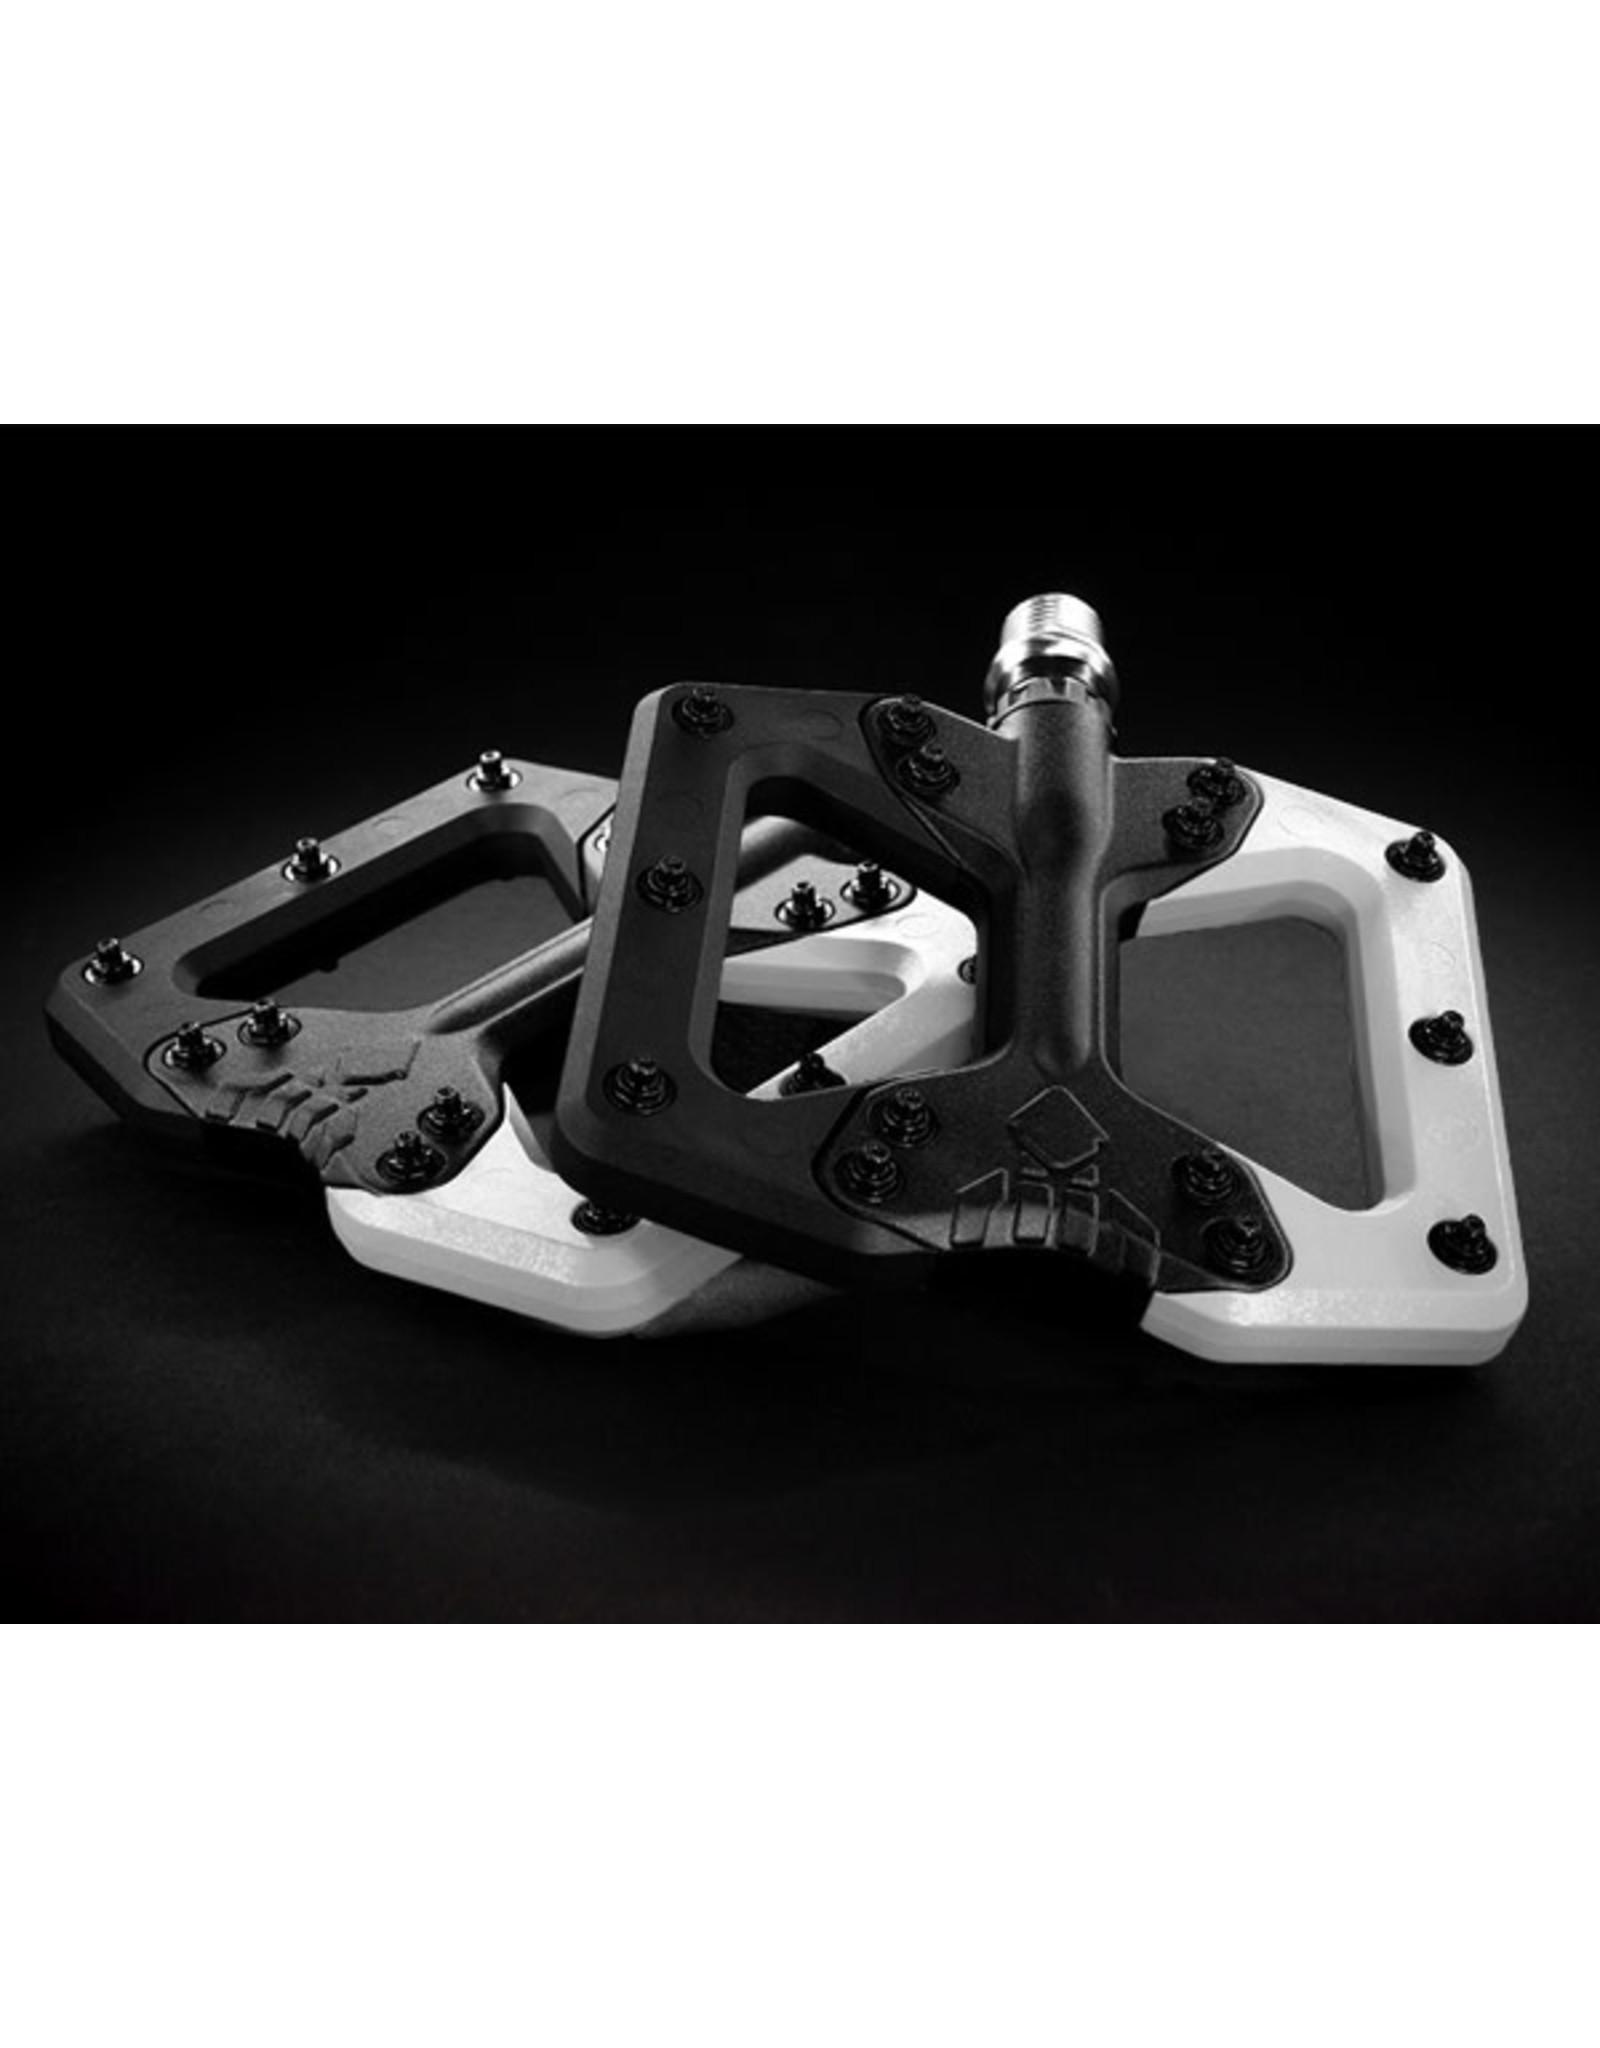 Squidworx pedals  black/white